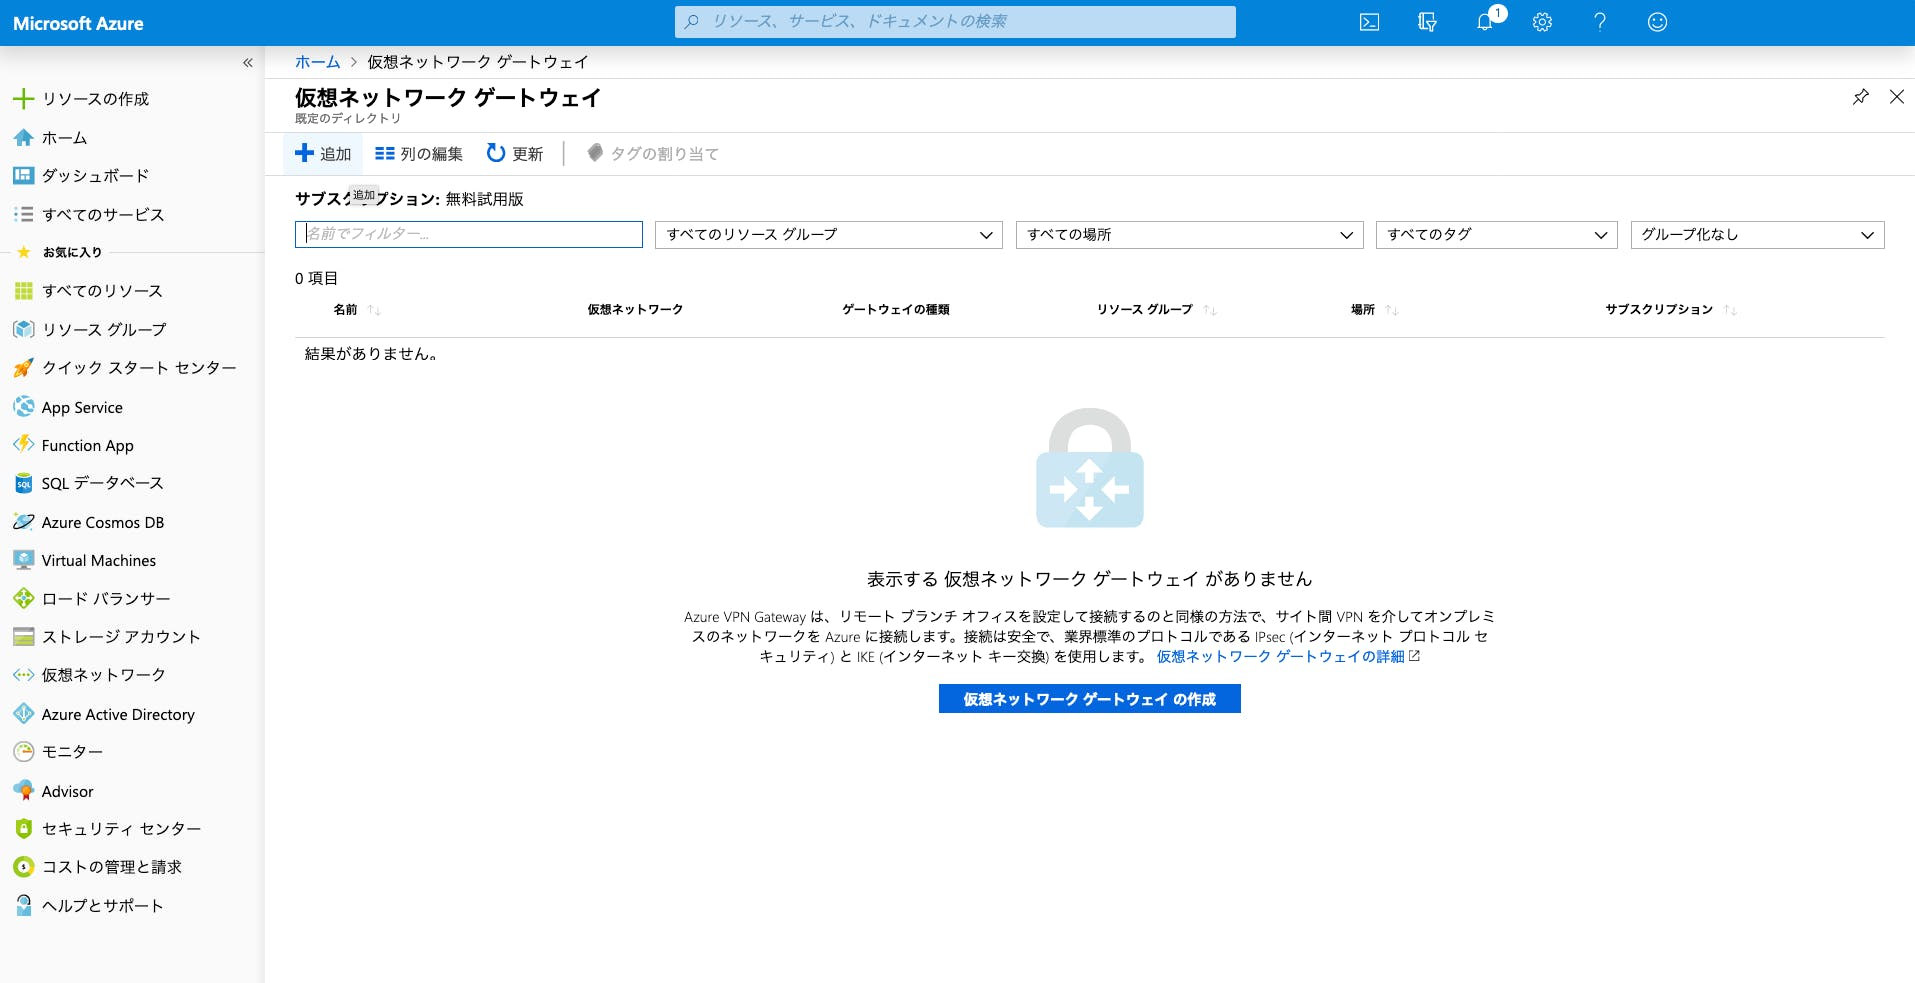 12_Azure_仮想ネットワークゲートウェイ02.png